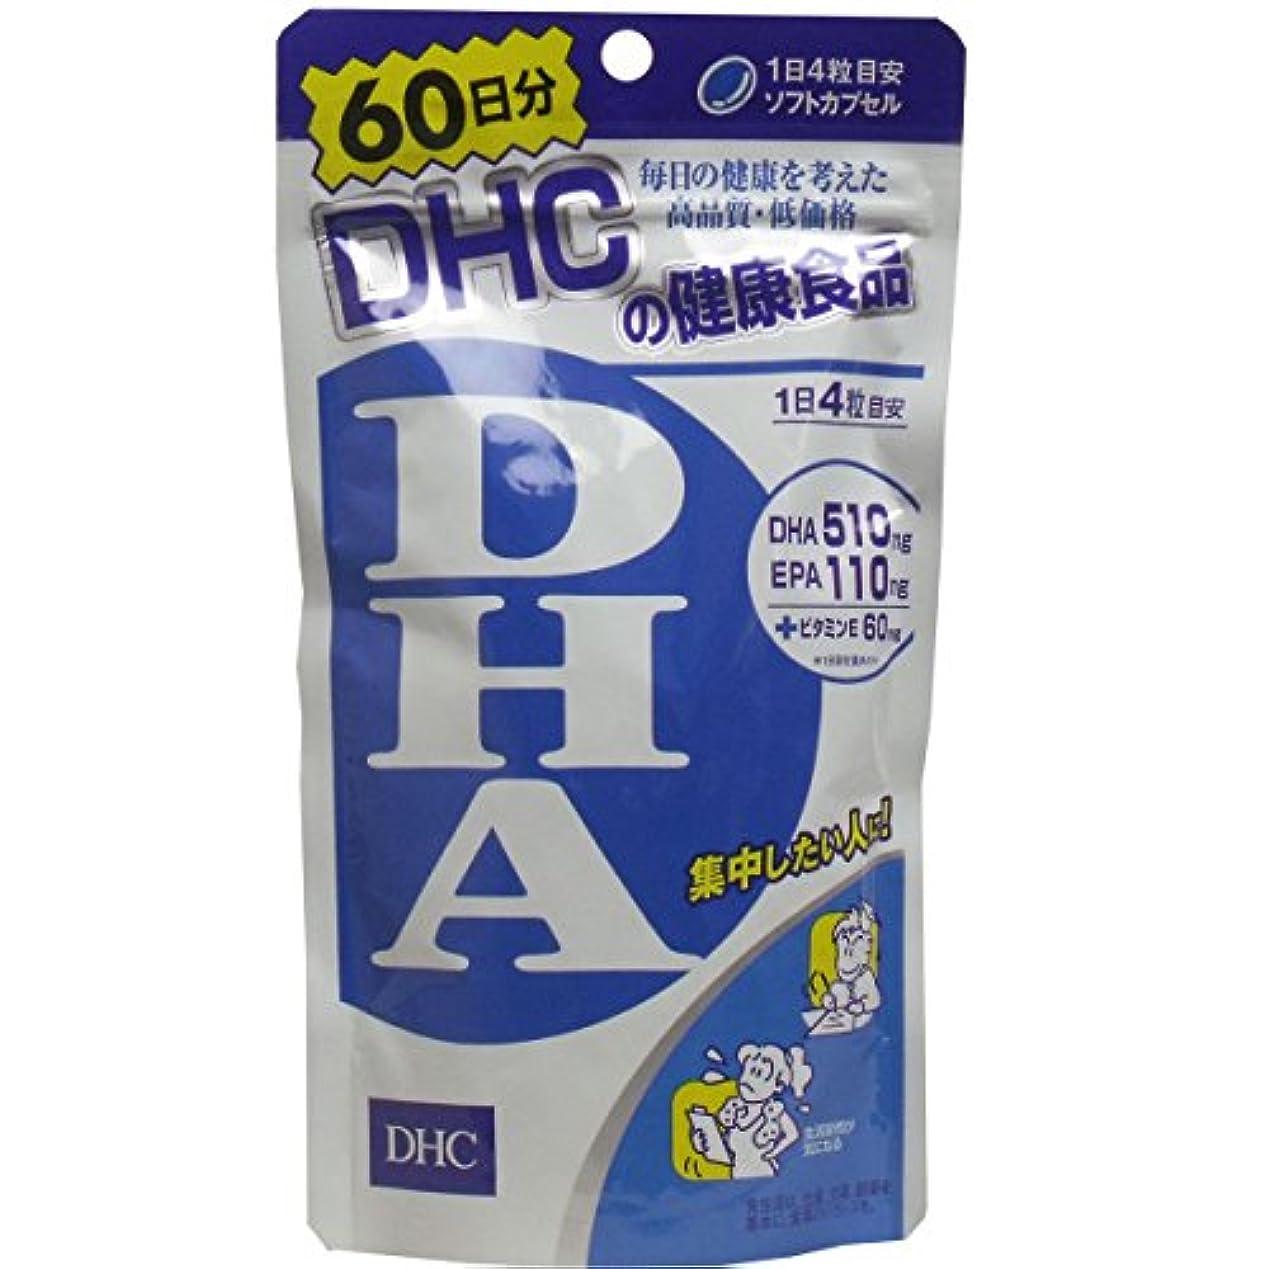 膨らみ要求ファランクス<お得な2個パック>DHC DHA 60日分 240粒入り×2個